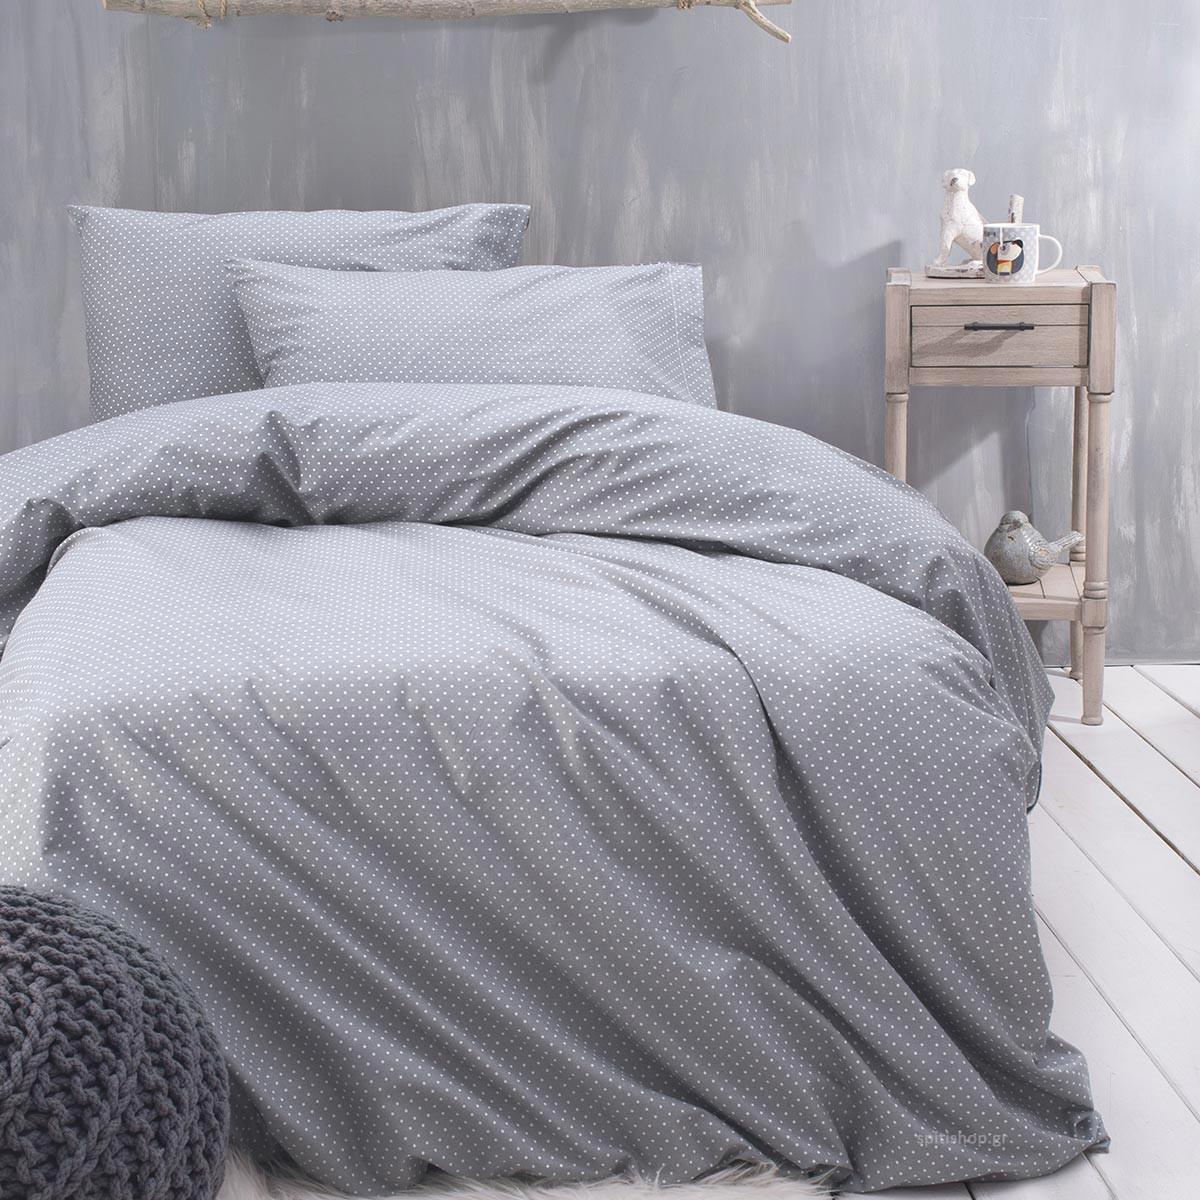 Σεντόνια Μονά (Σετ) Rythmos Symbol Dotty Grey ΜΕ ΛΑΣΤΙΧΟ 105×205+25 ΜΕ ΛΑΣΤΙΧΟ 105×205+25